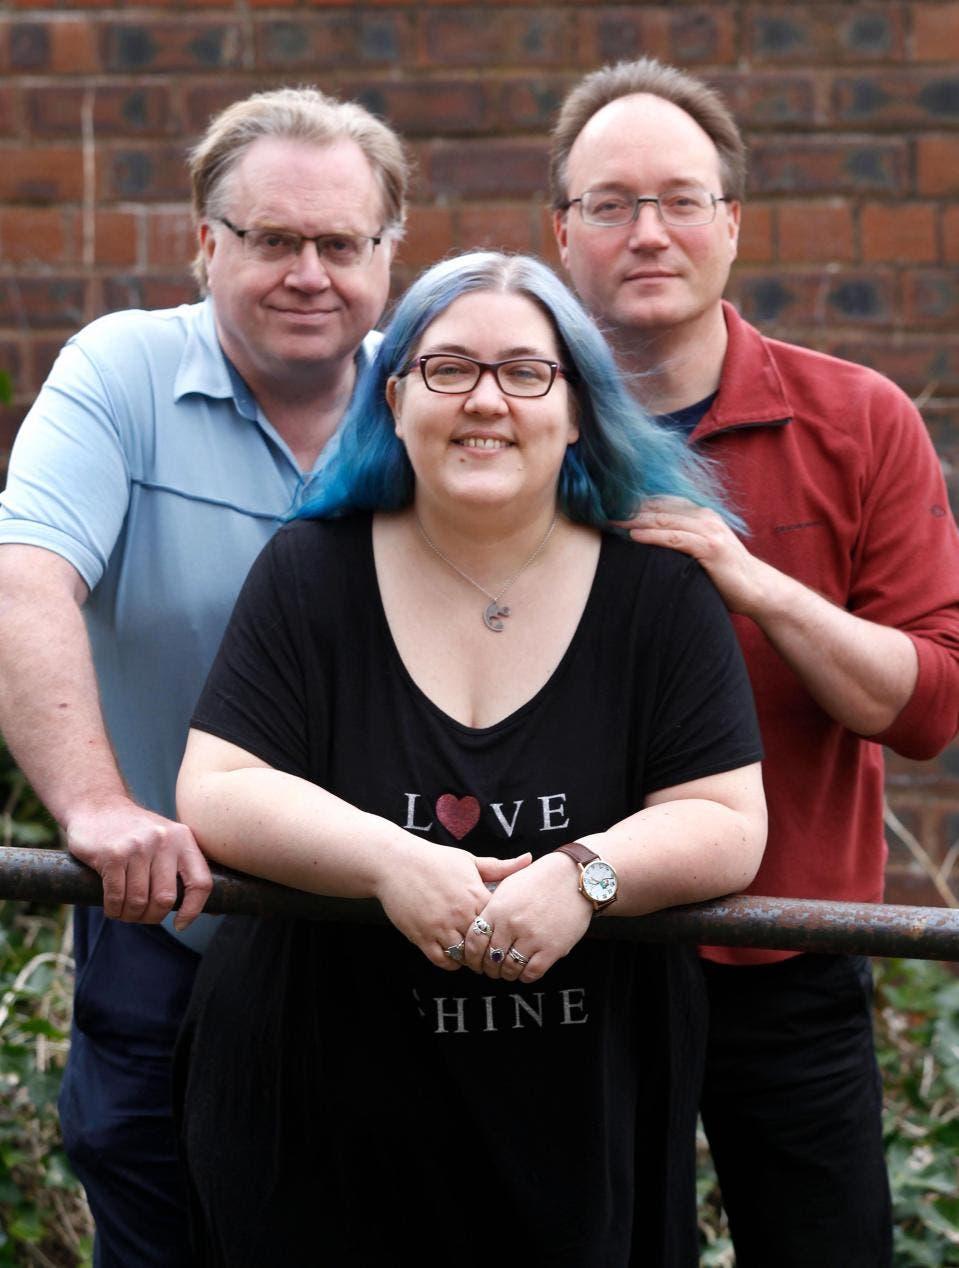 Cette femme a un mari, un fiancé et deux petits amis qui vivent tous heureux ensemble